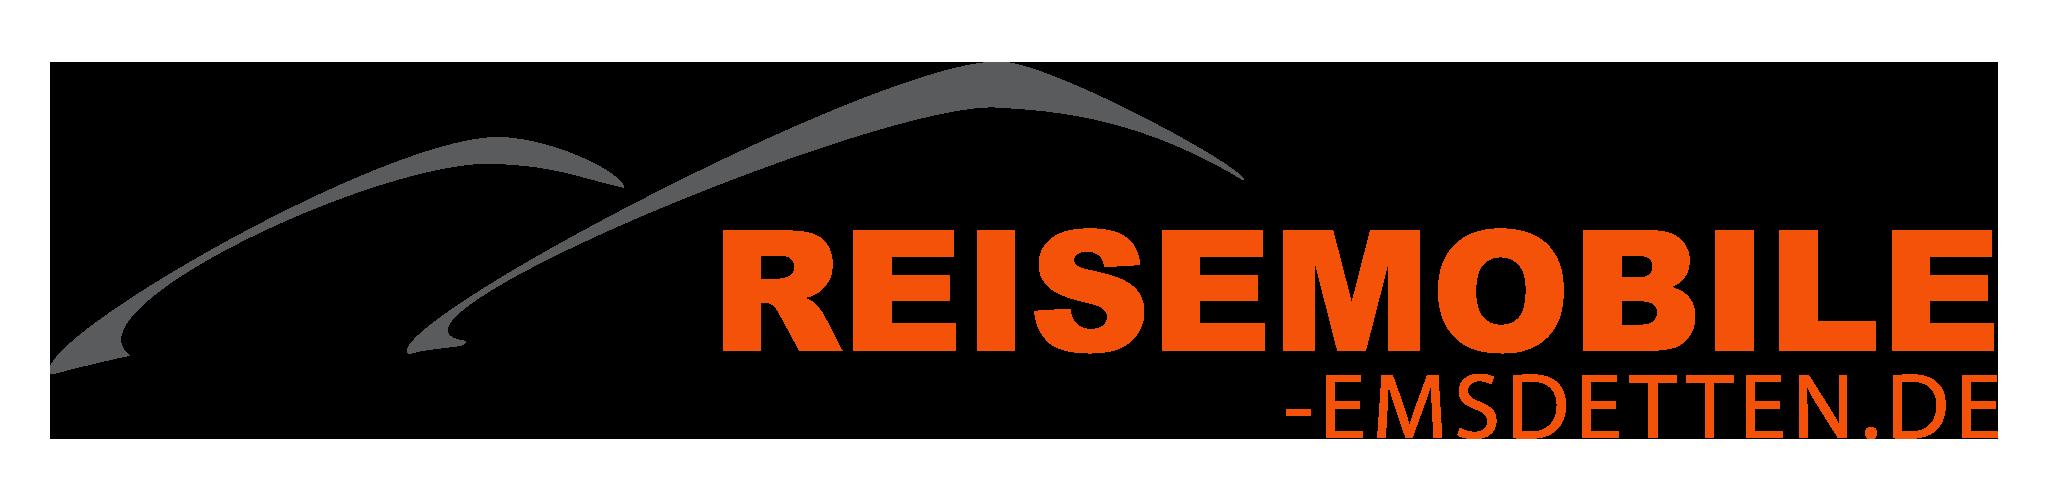 Reisemobile-Emsdetten.de Logo